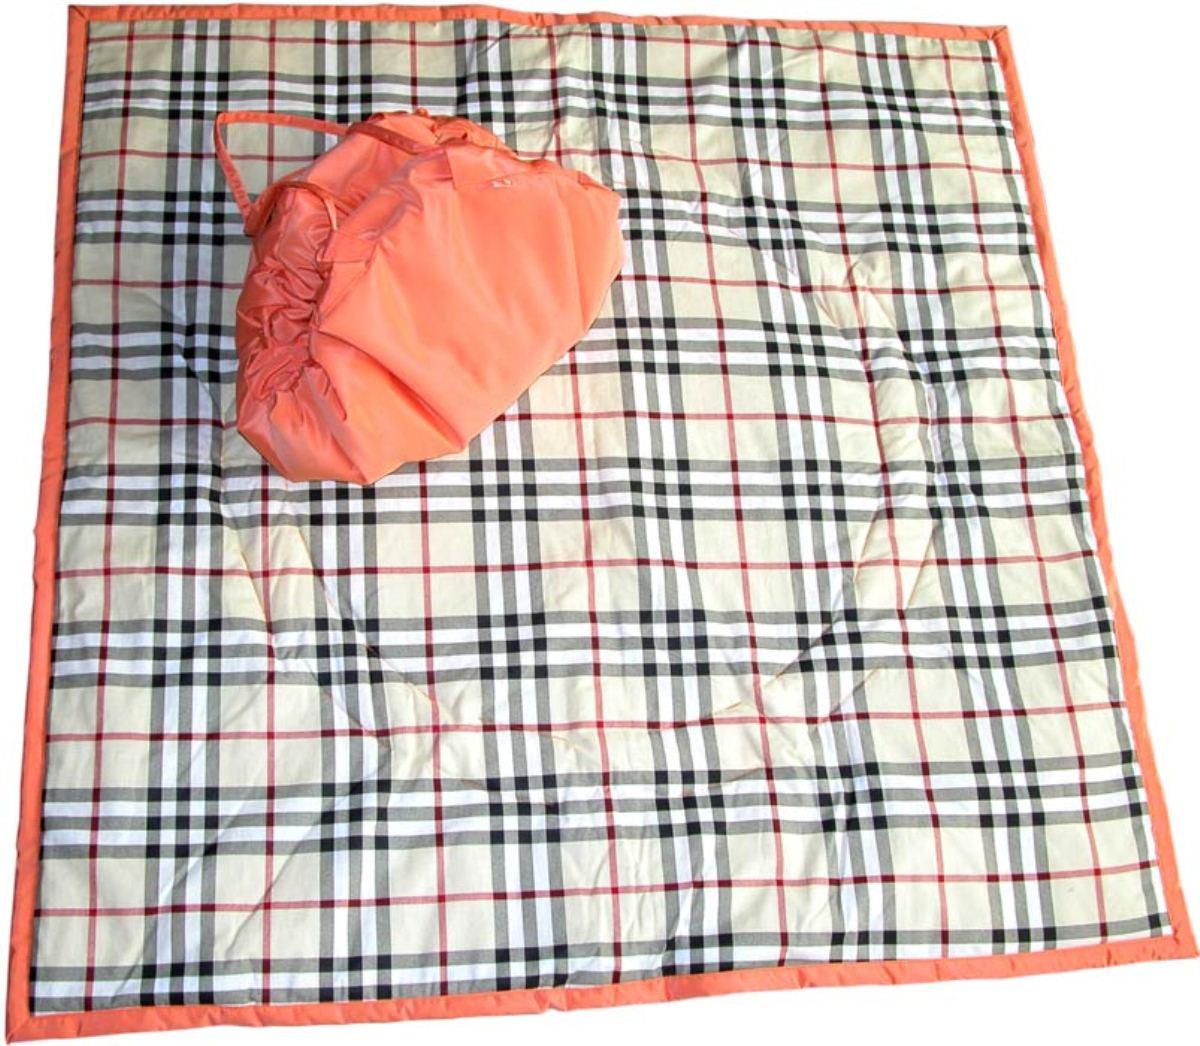 Чудо-Чадо Переносной коврик-сумка цвет оранжевый бежевая шотландка KTR02-006